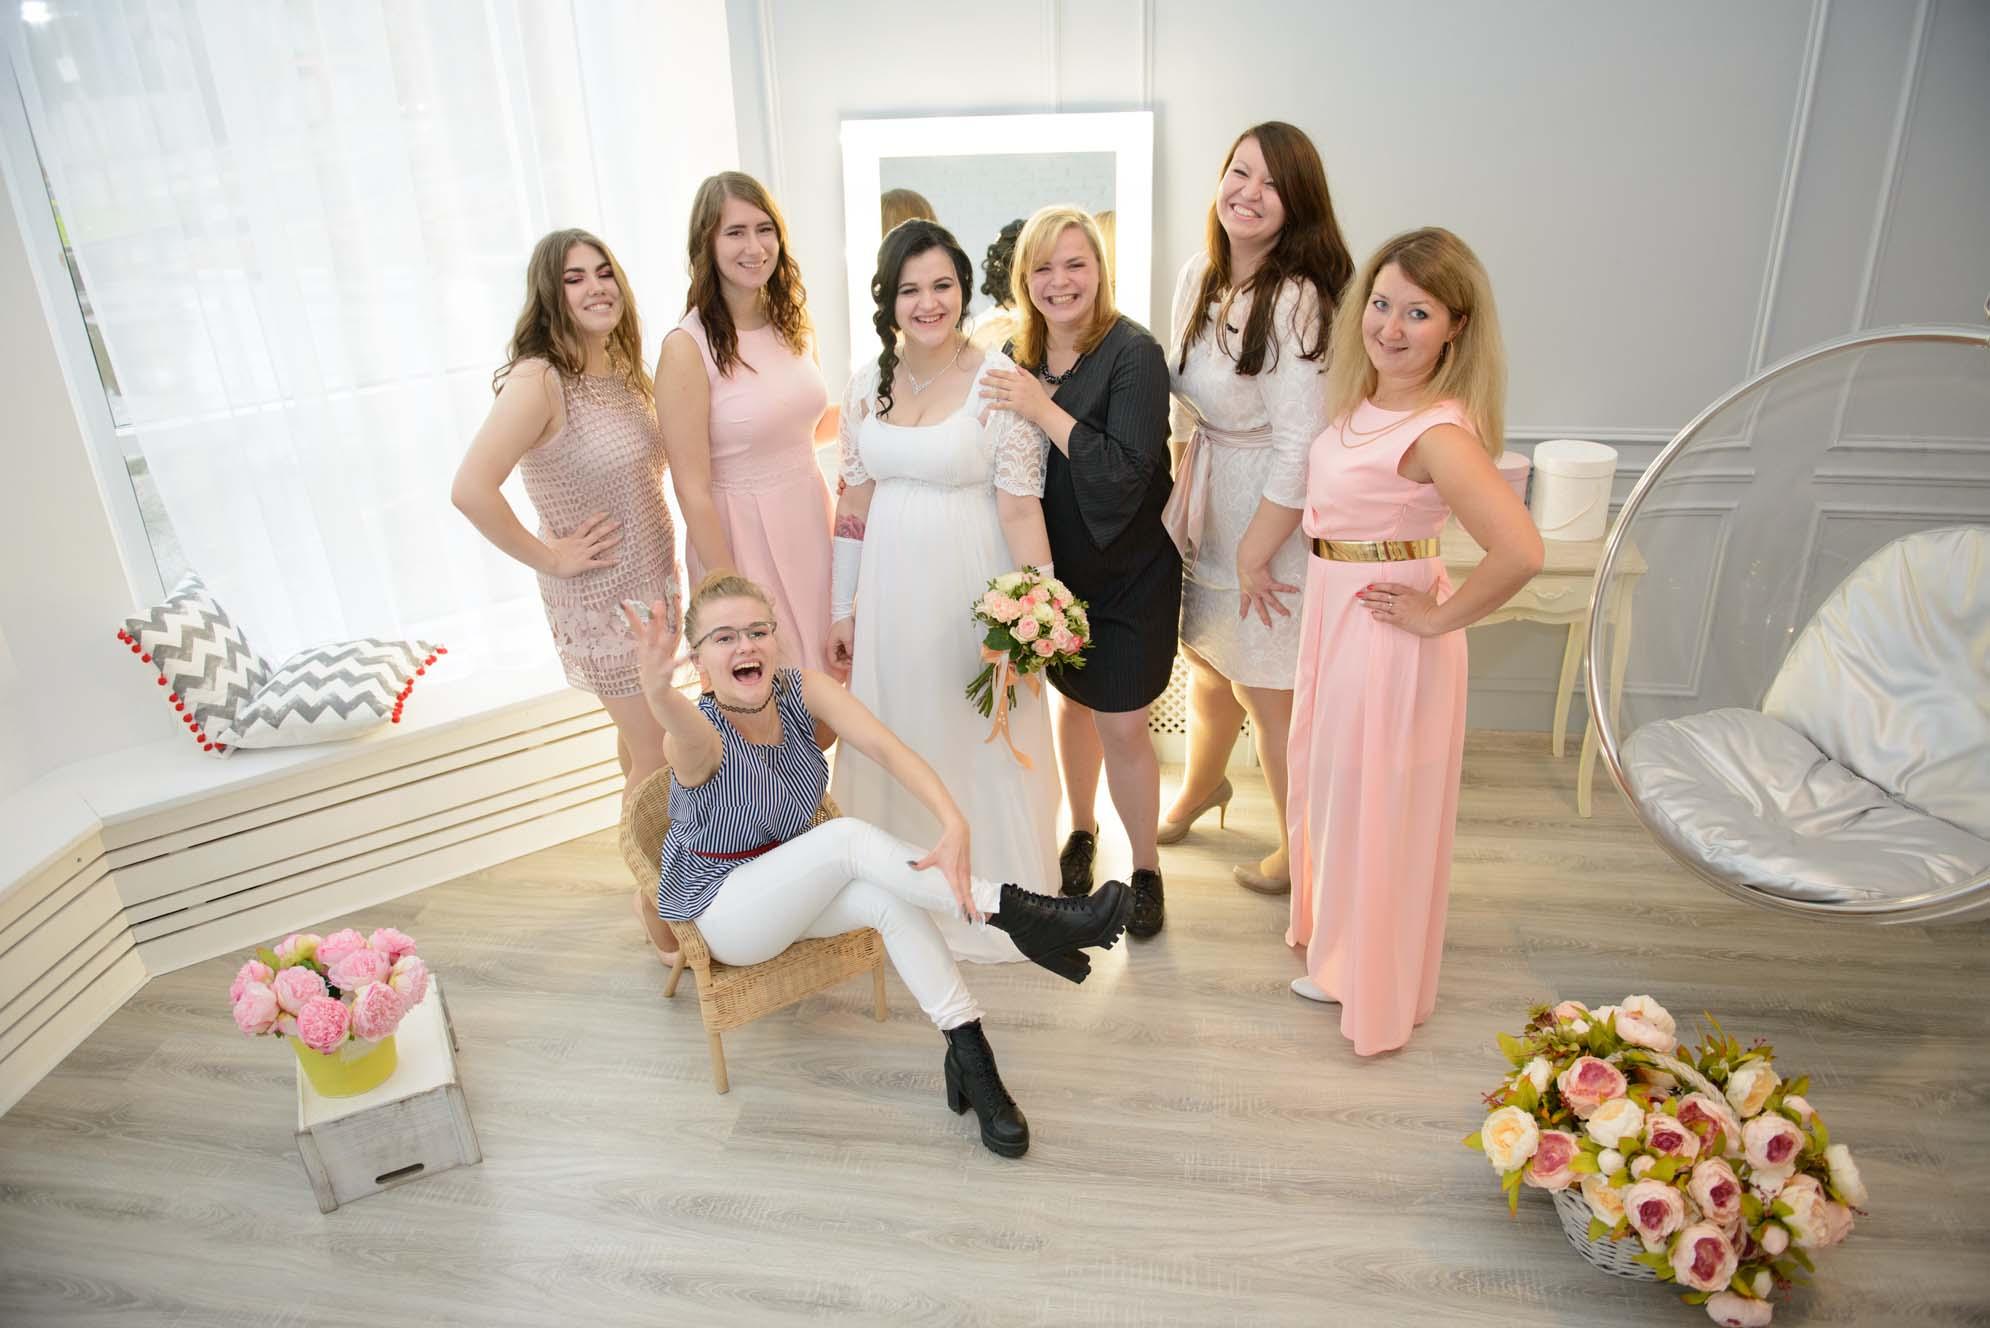 фотограф на свадьбу, фотосъемка свадьбы, свадебный фотограф